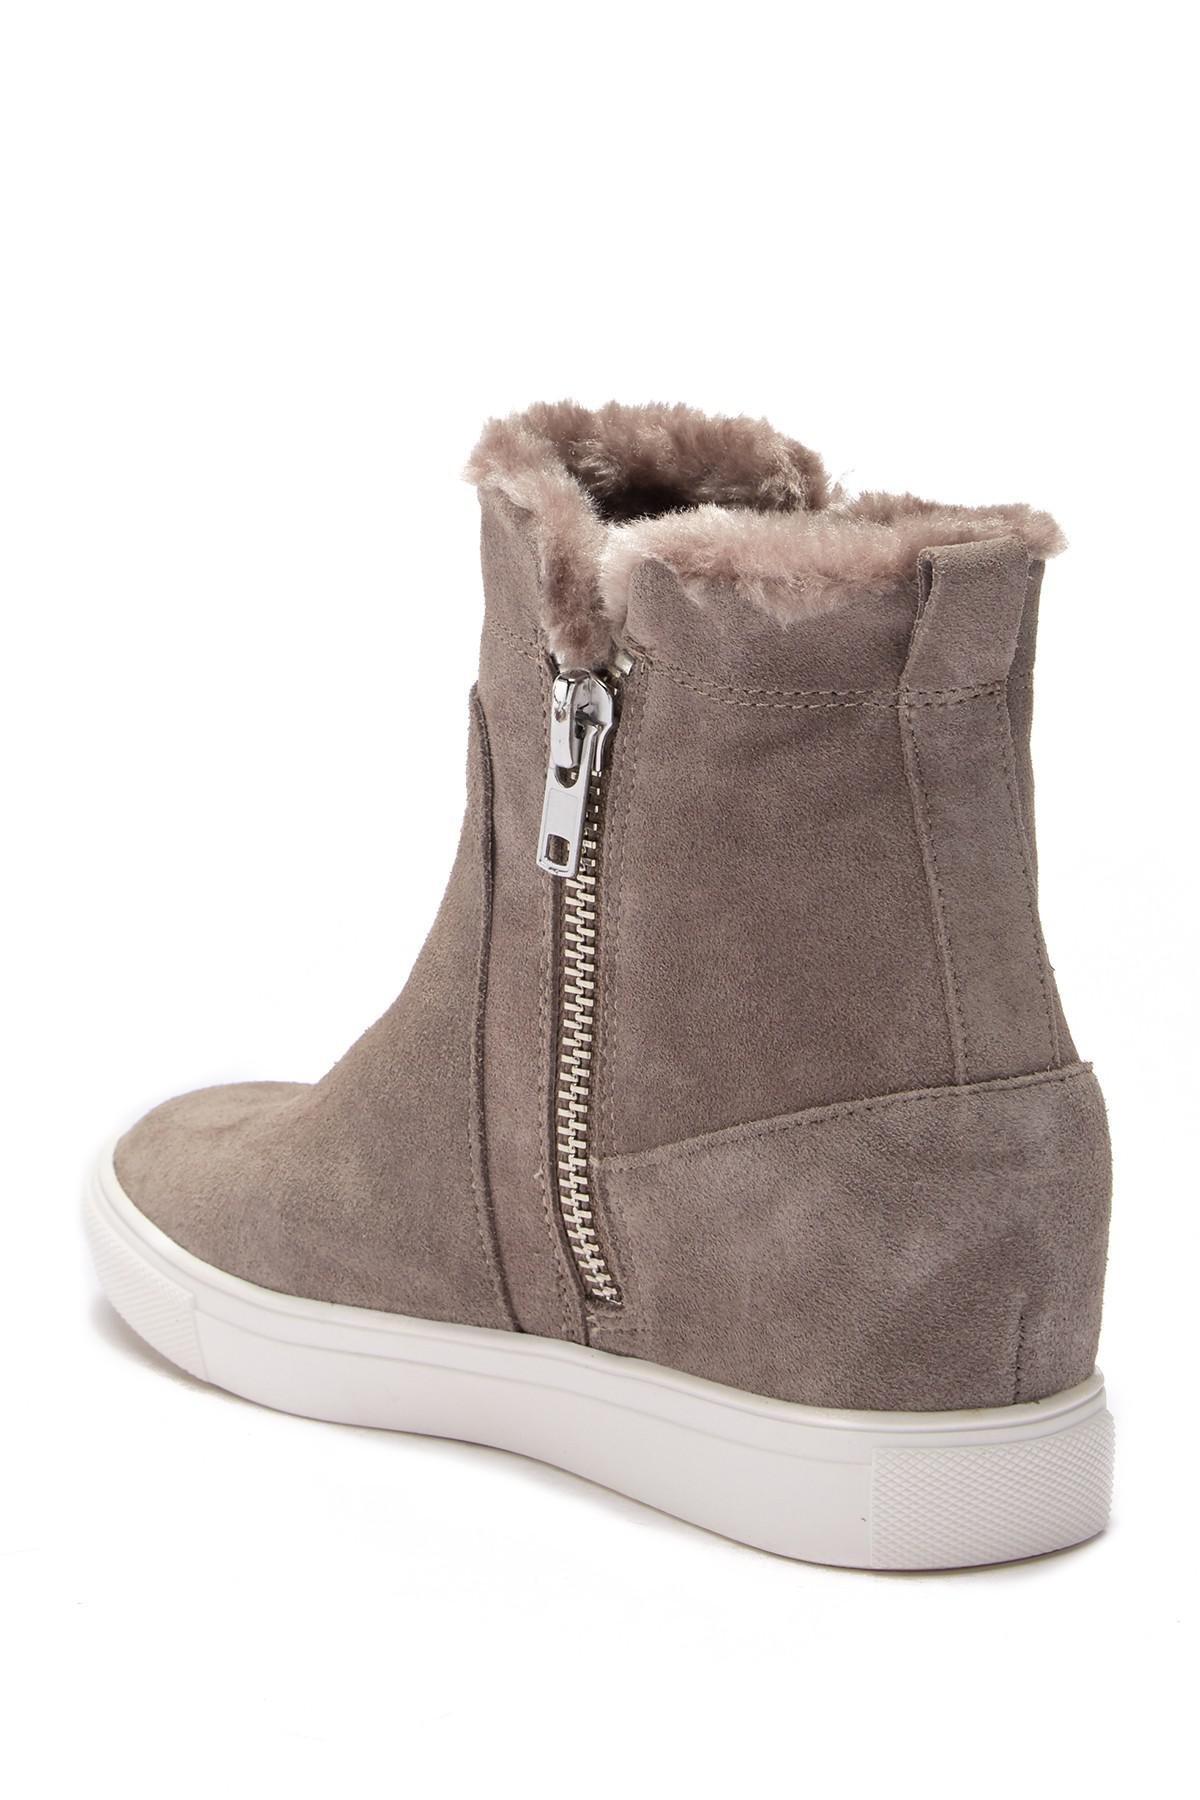 66b4789a100 Lyst - Steven by Steve Madden Ceal Hidden Wedge Faux Fur Sneaker in Gray